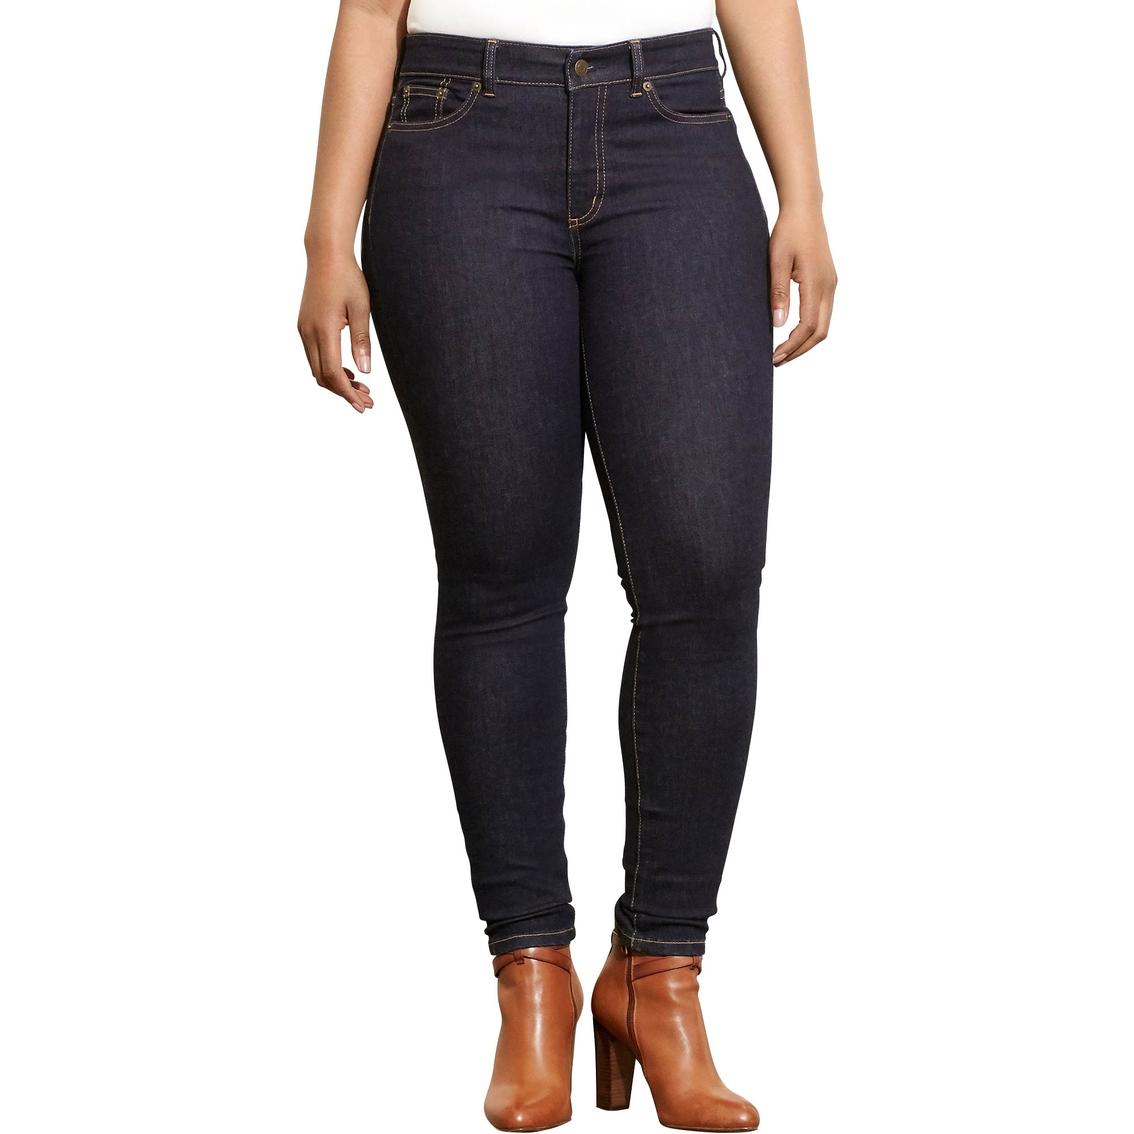 Lauren Ralph Lauren Plus Size Premier Stretch Skinny Jeans | Jeans